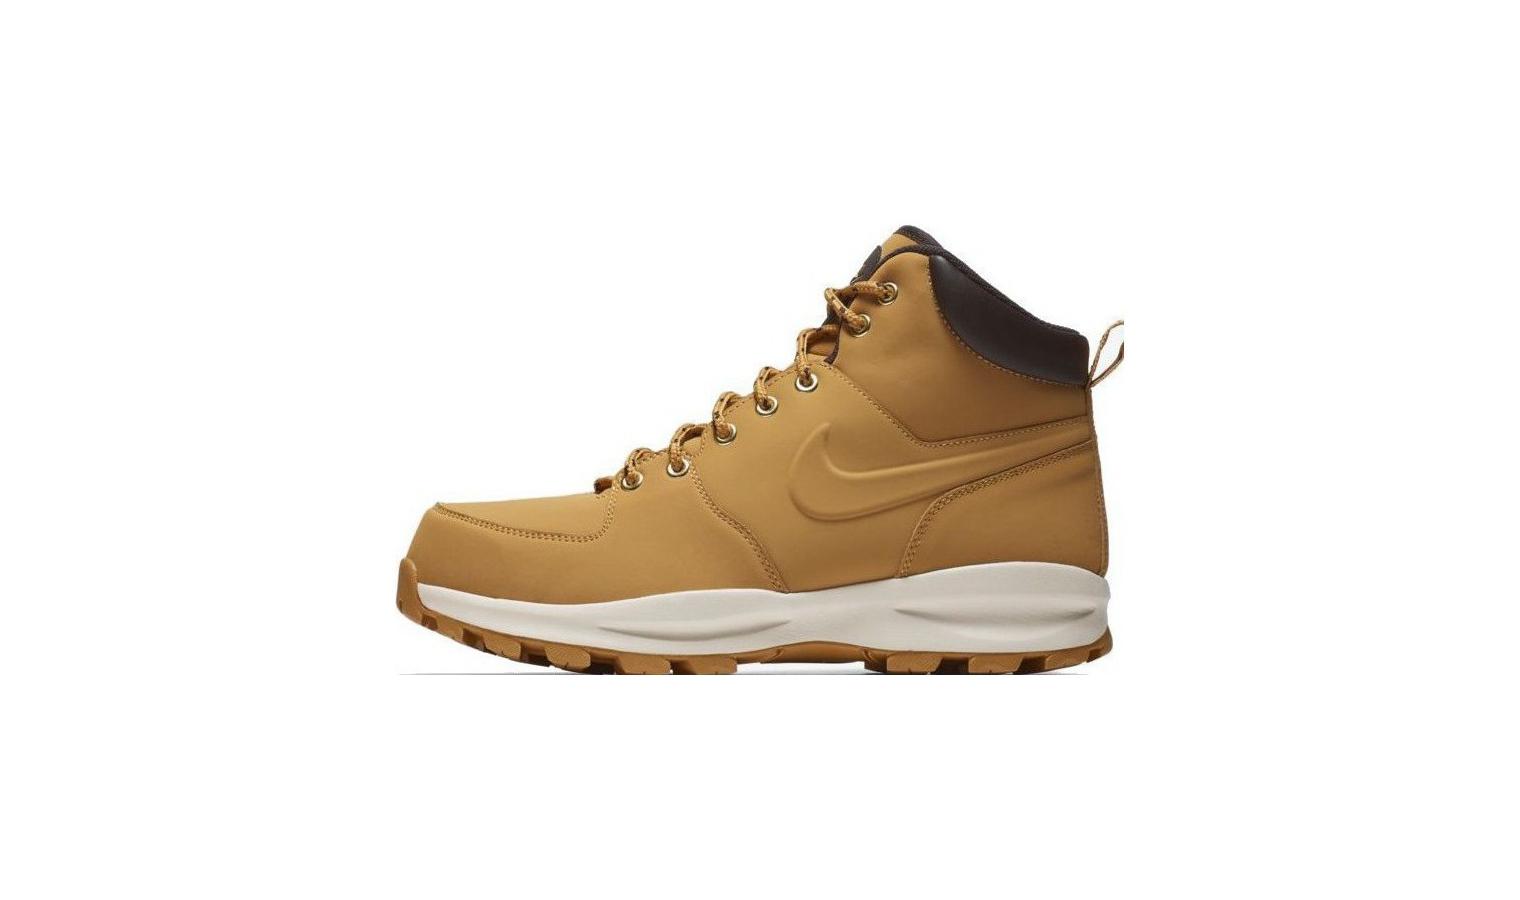 Členkové topánky Nike Manoa LEATHER hnedé  45f6d3ee96b